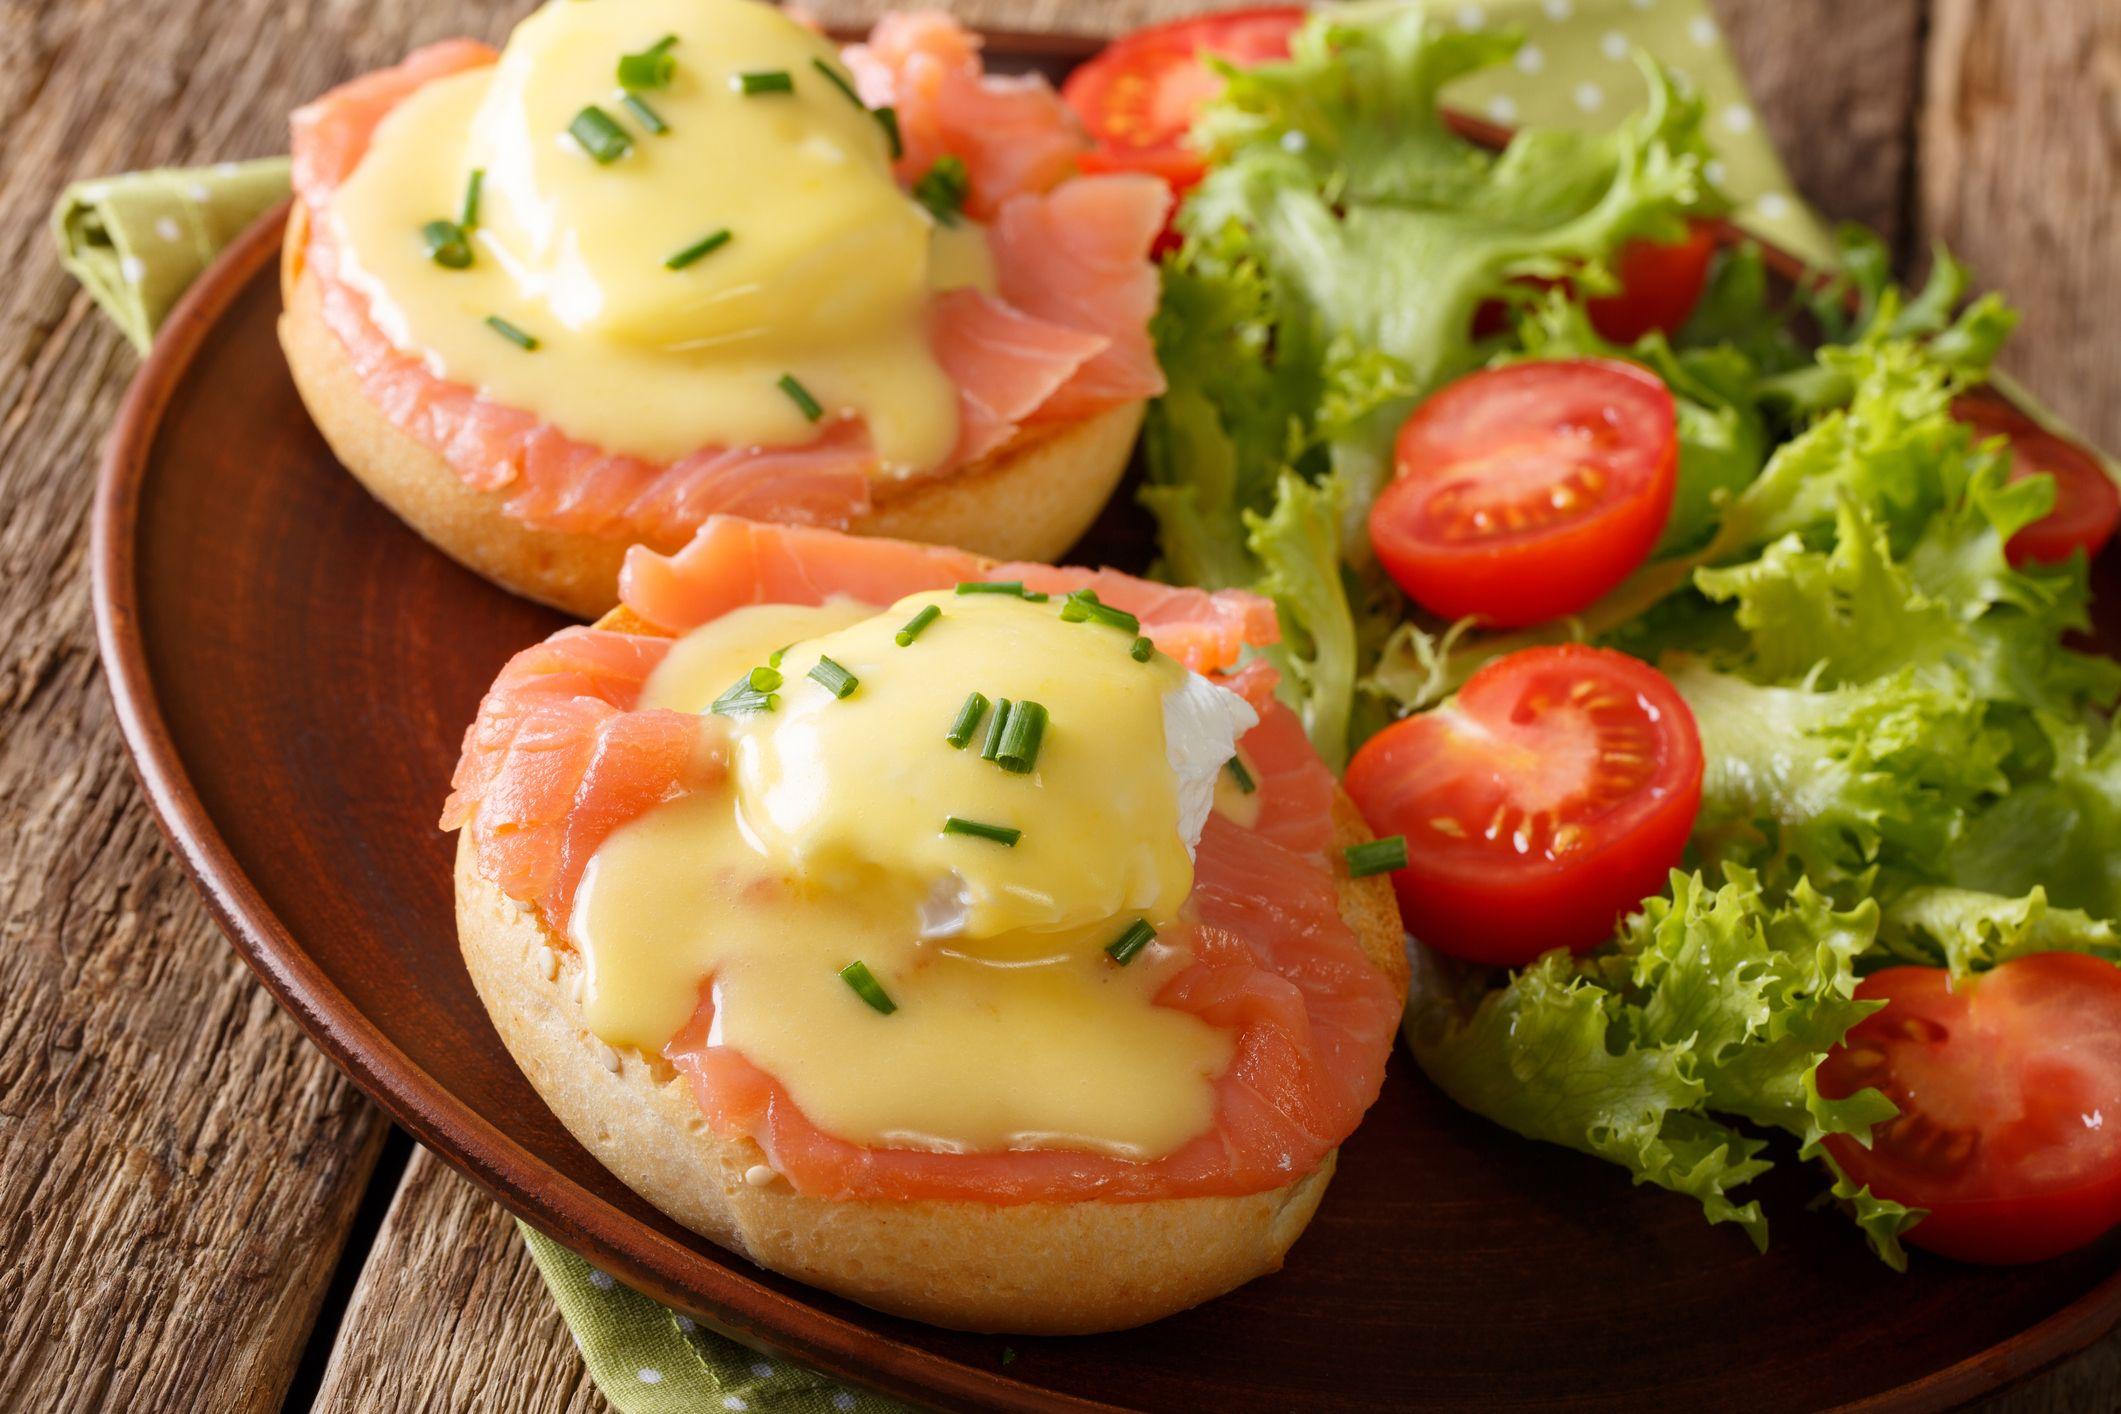 La salsa holandesa suele acompañar a platos de verduras y pescado, como el salmón.